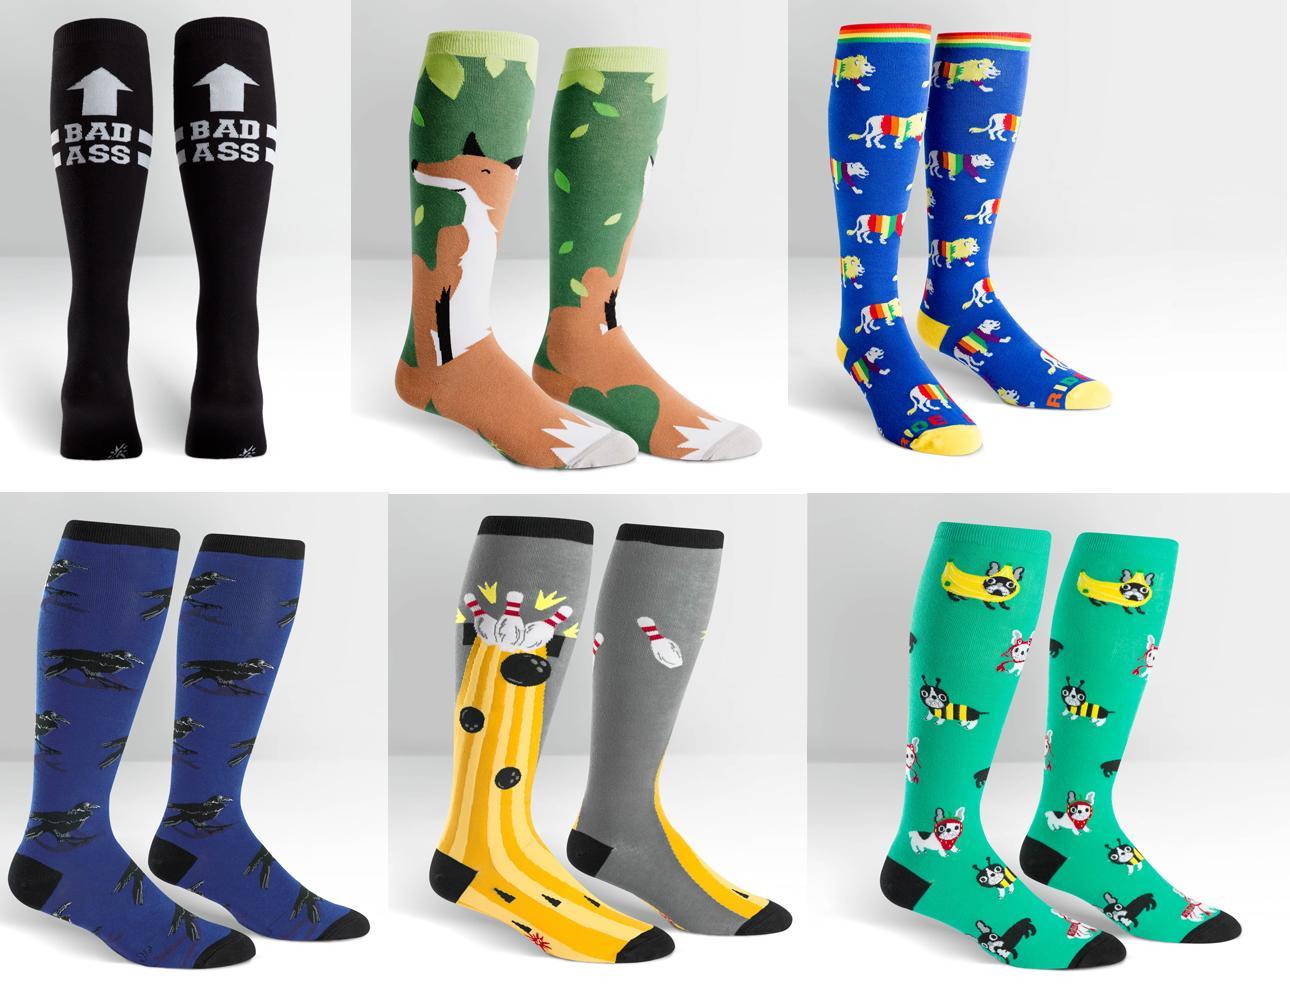 284d9dfd3 Sock It To Me E8 Women s Men s Knee High Wide Calf STRETCH Socks – Choose  Design